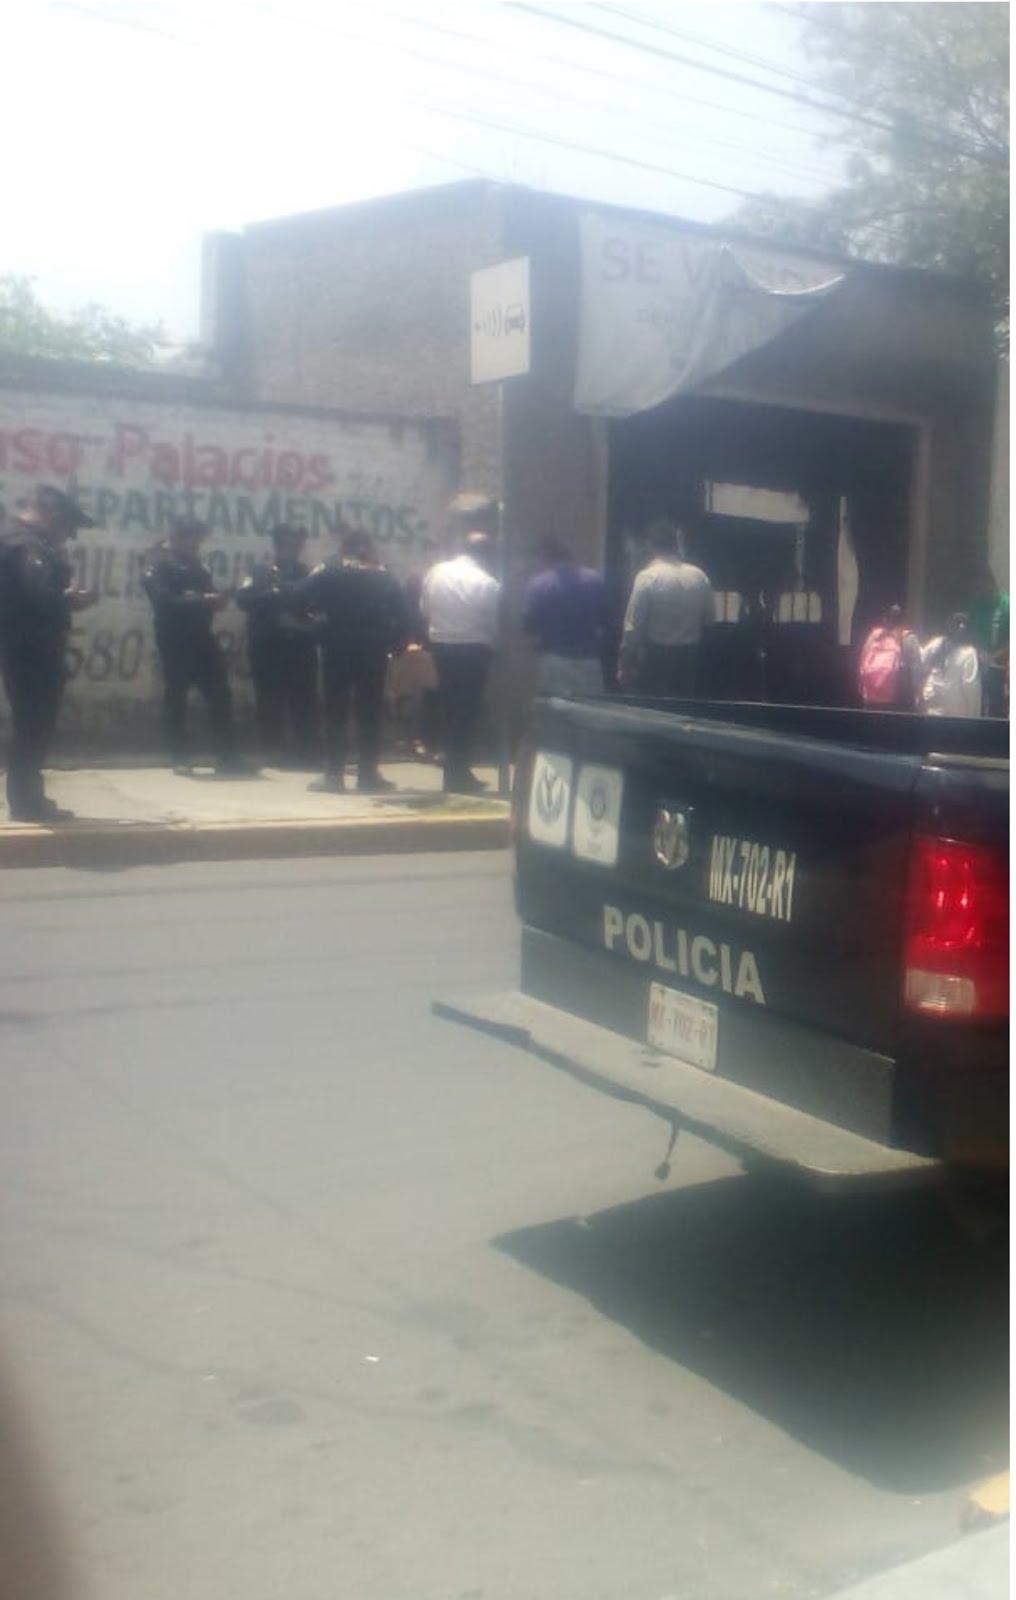 Este miércoles será la diligencia en casa de seguridad de Tláhuac